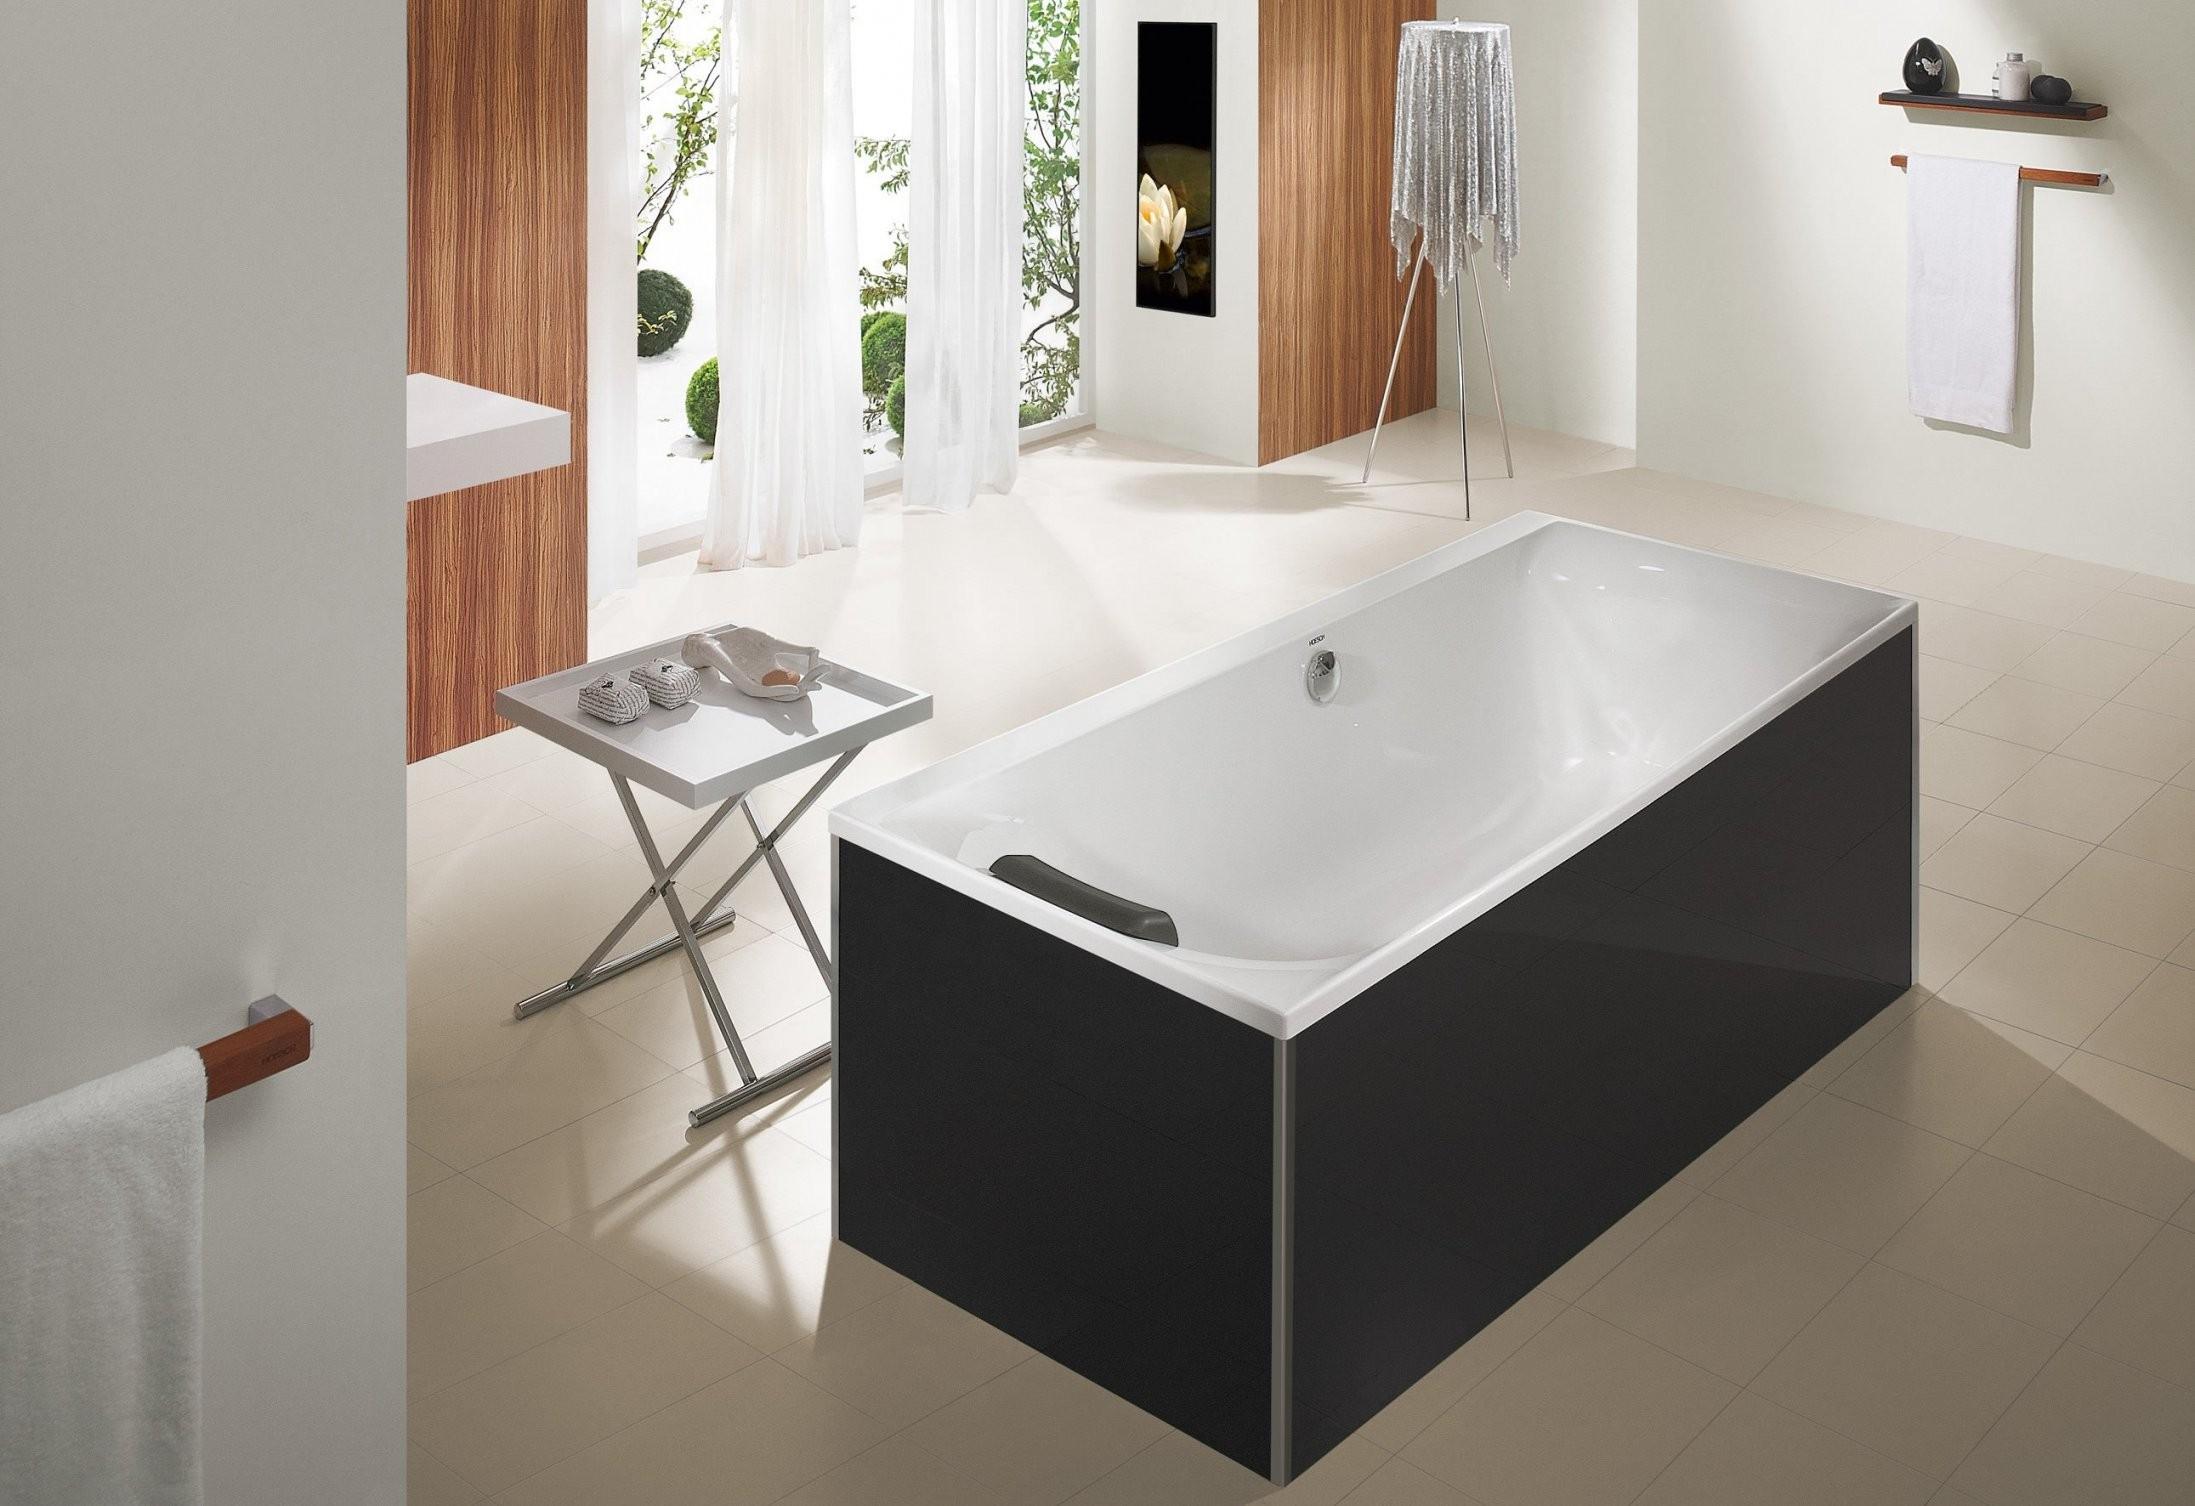 Hoesch Thasos Glasverkleidung Für Freistehende Badewanne (3742 von Freistehende Badewanne Hoesch Bild